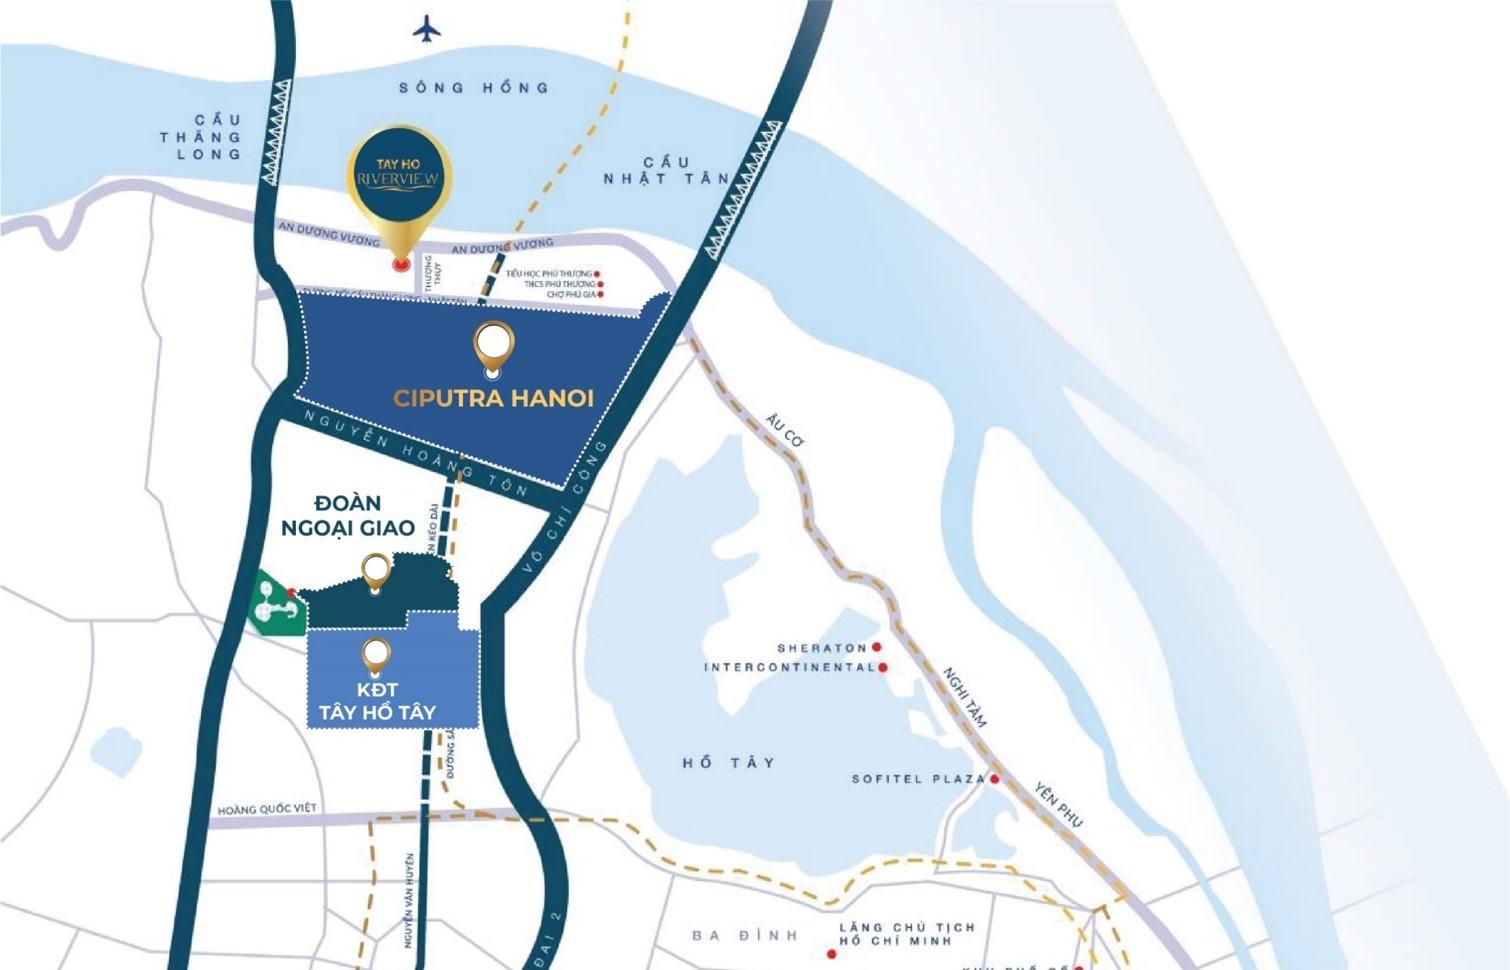 Dự án chung cư Tây Hồ Riverview